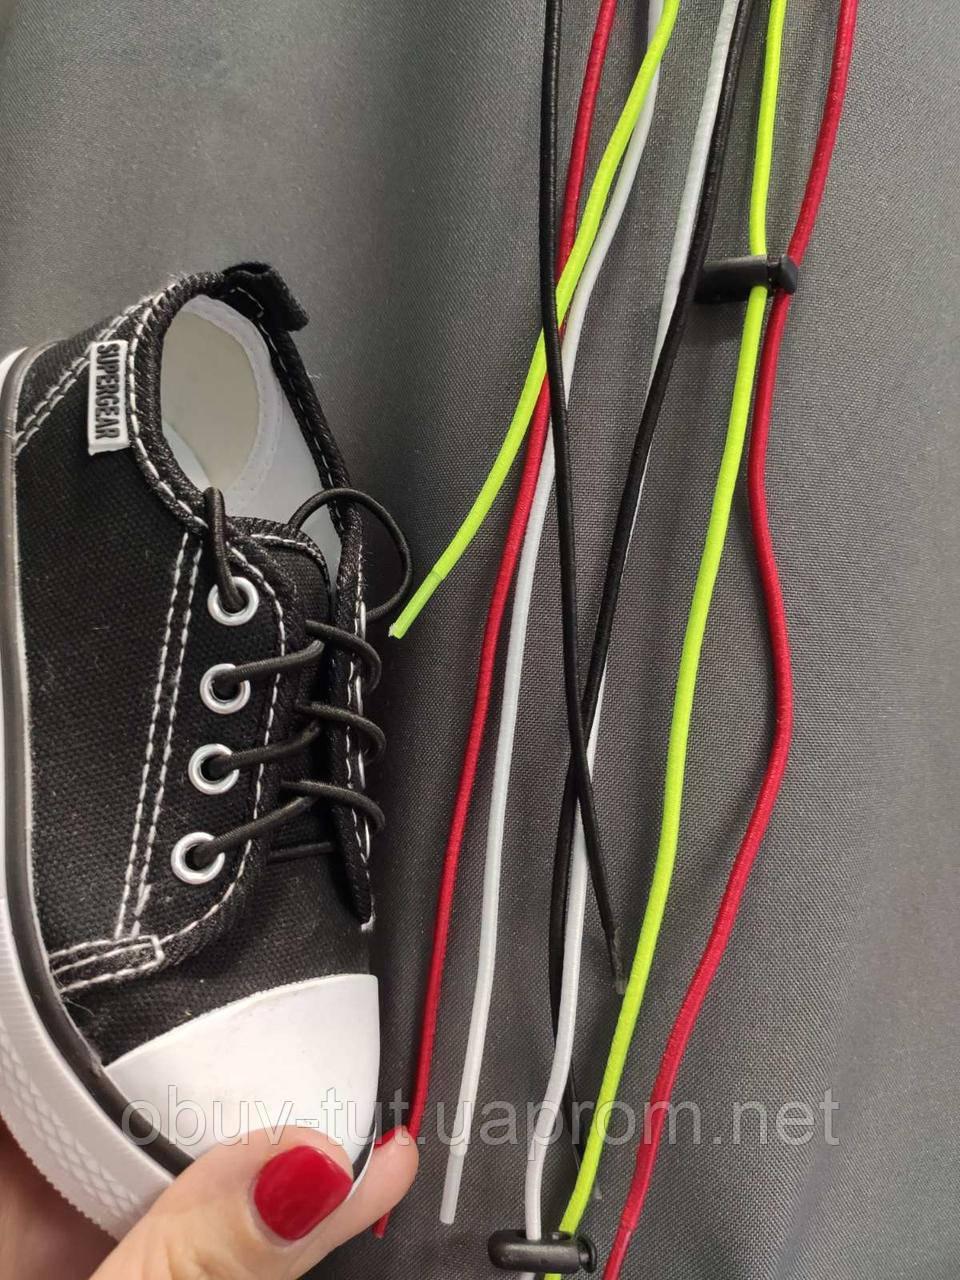 Шнурки гумки кольори білий, чорний,червоний, салатовий